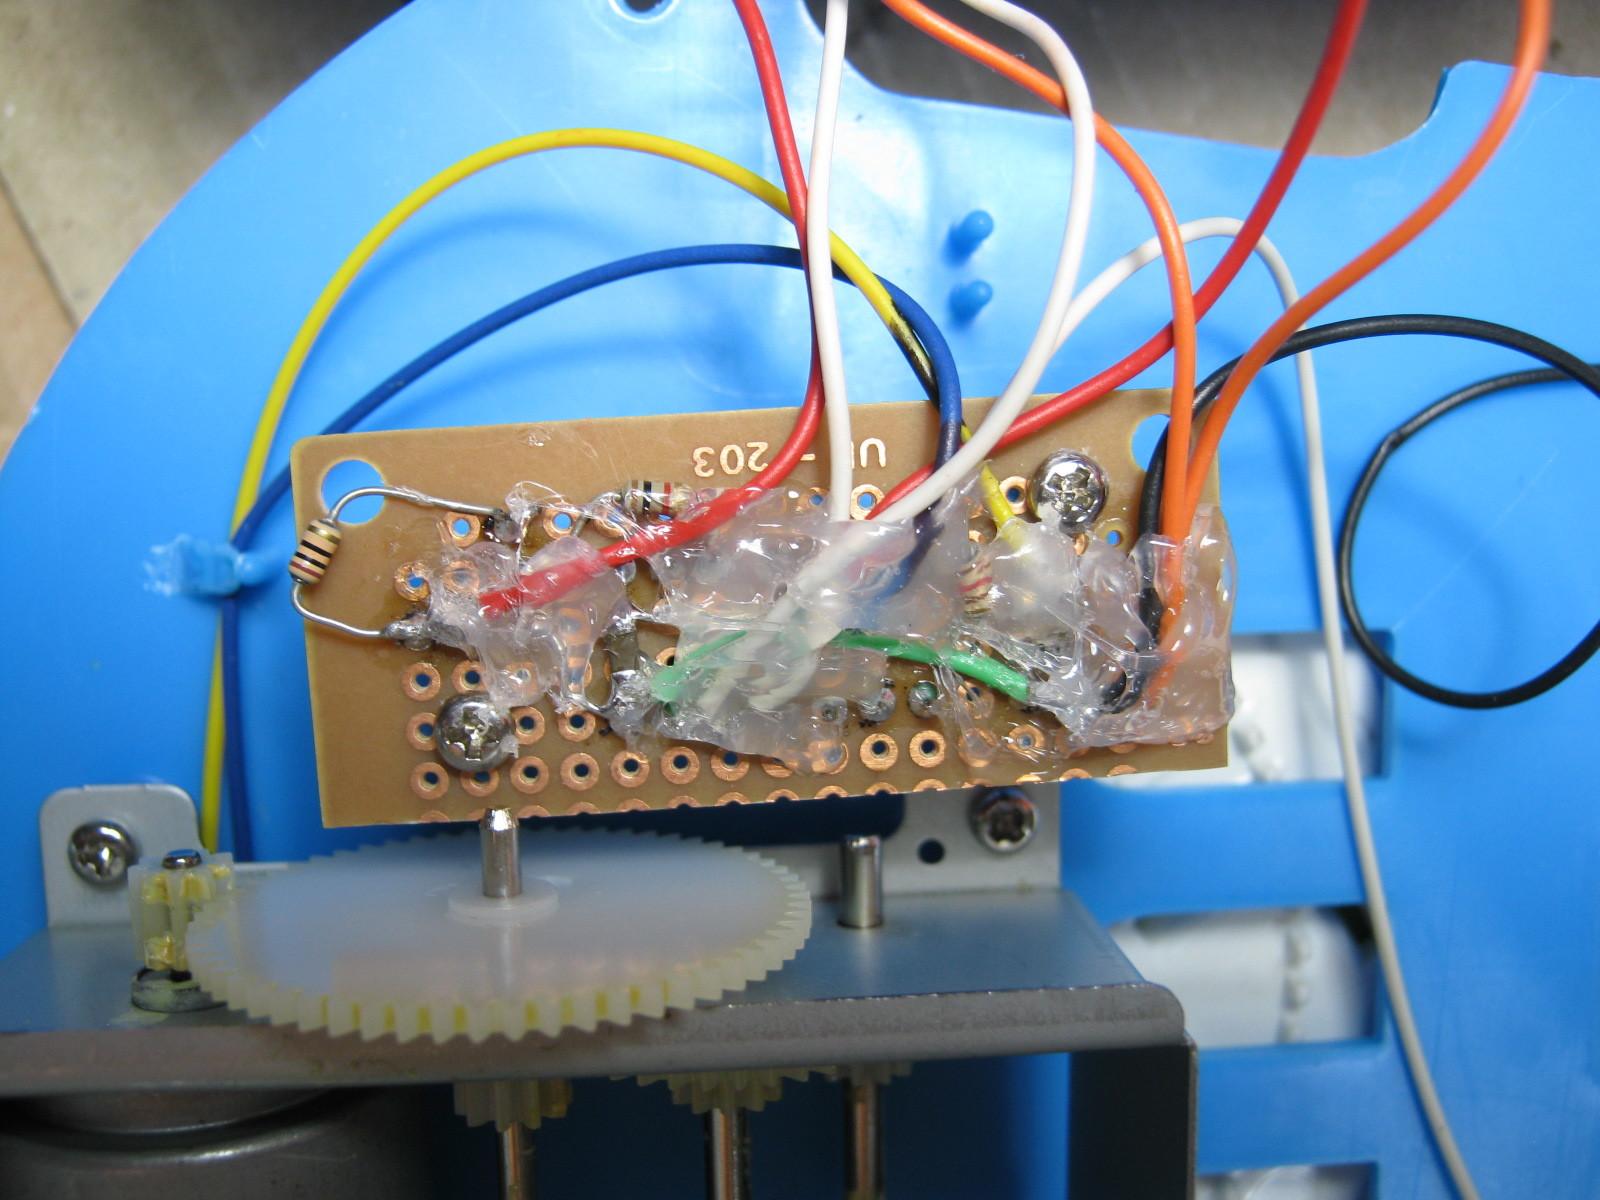 三輪車のハンドルに付ける鳴り物飾り(マイコン換装)基板裏